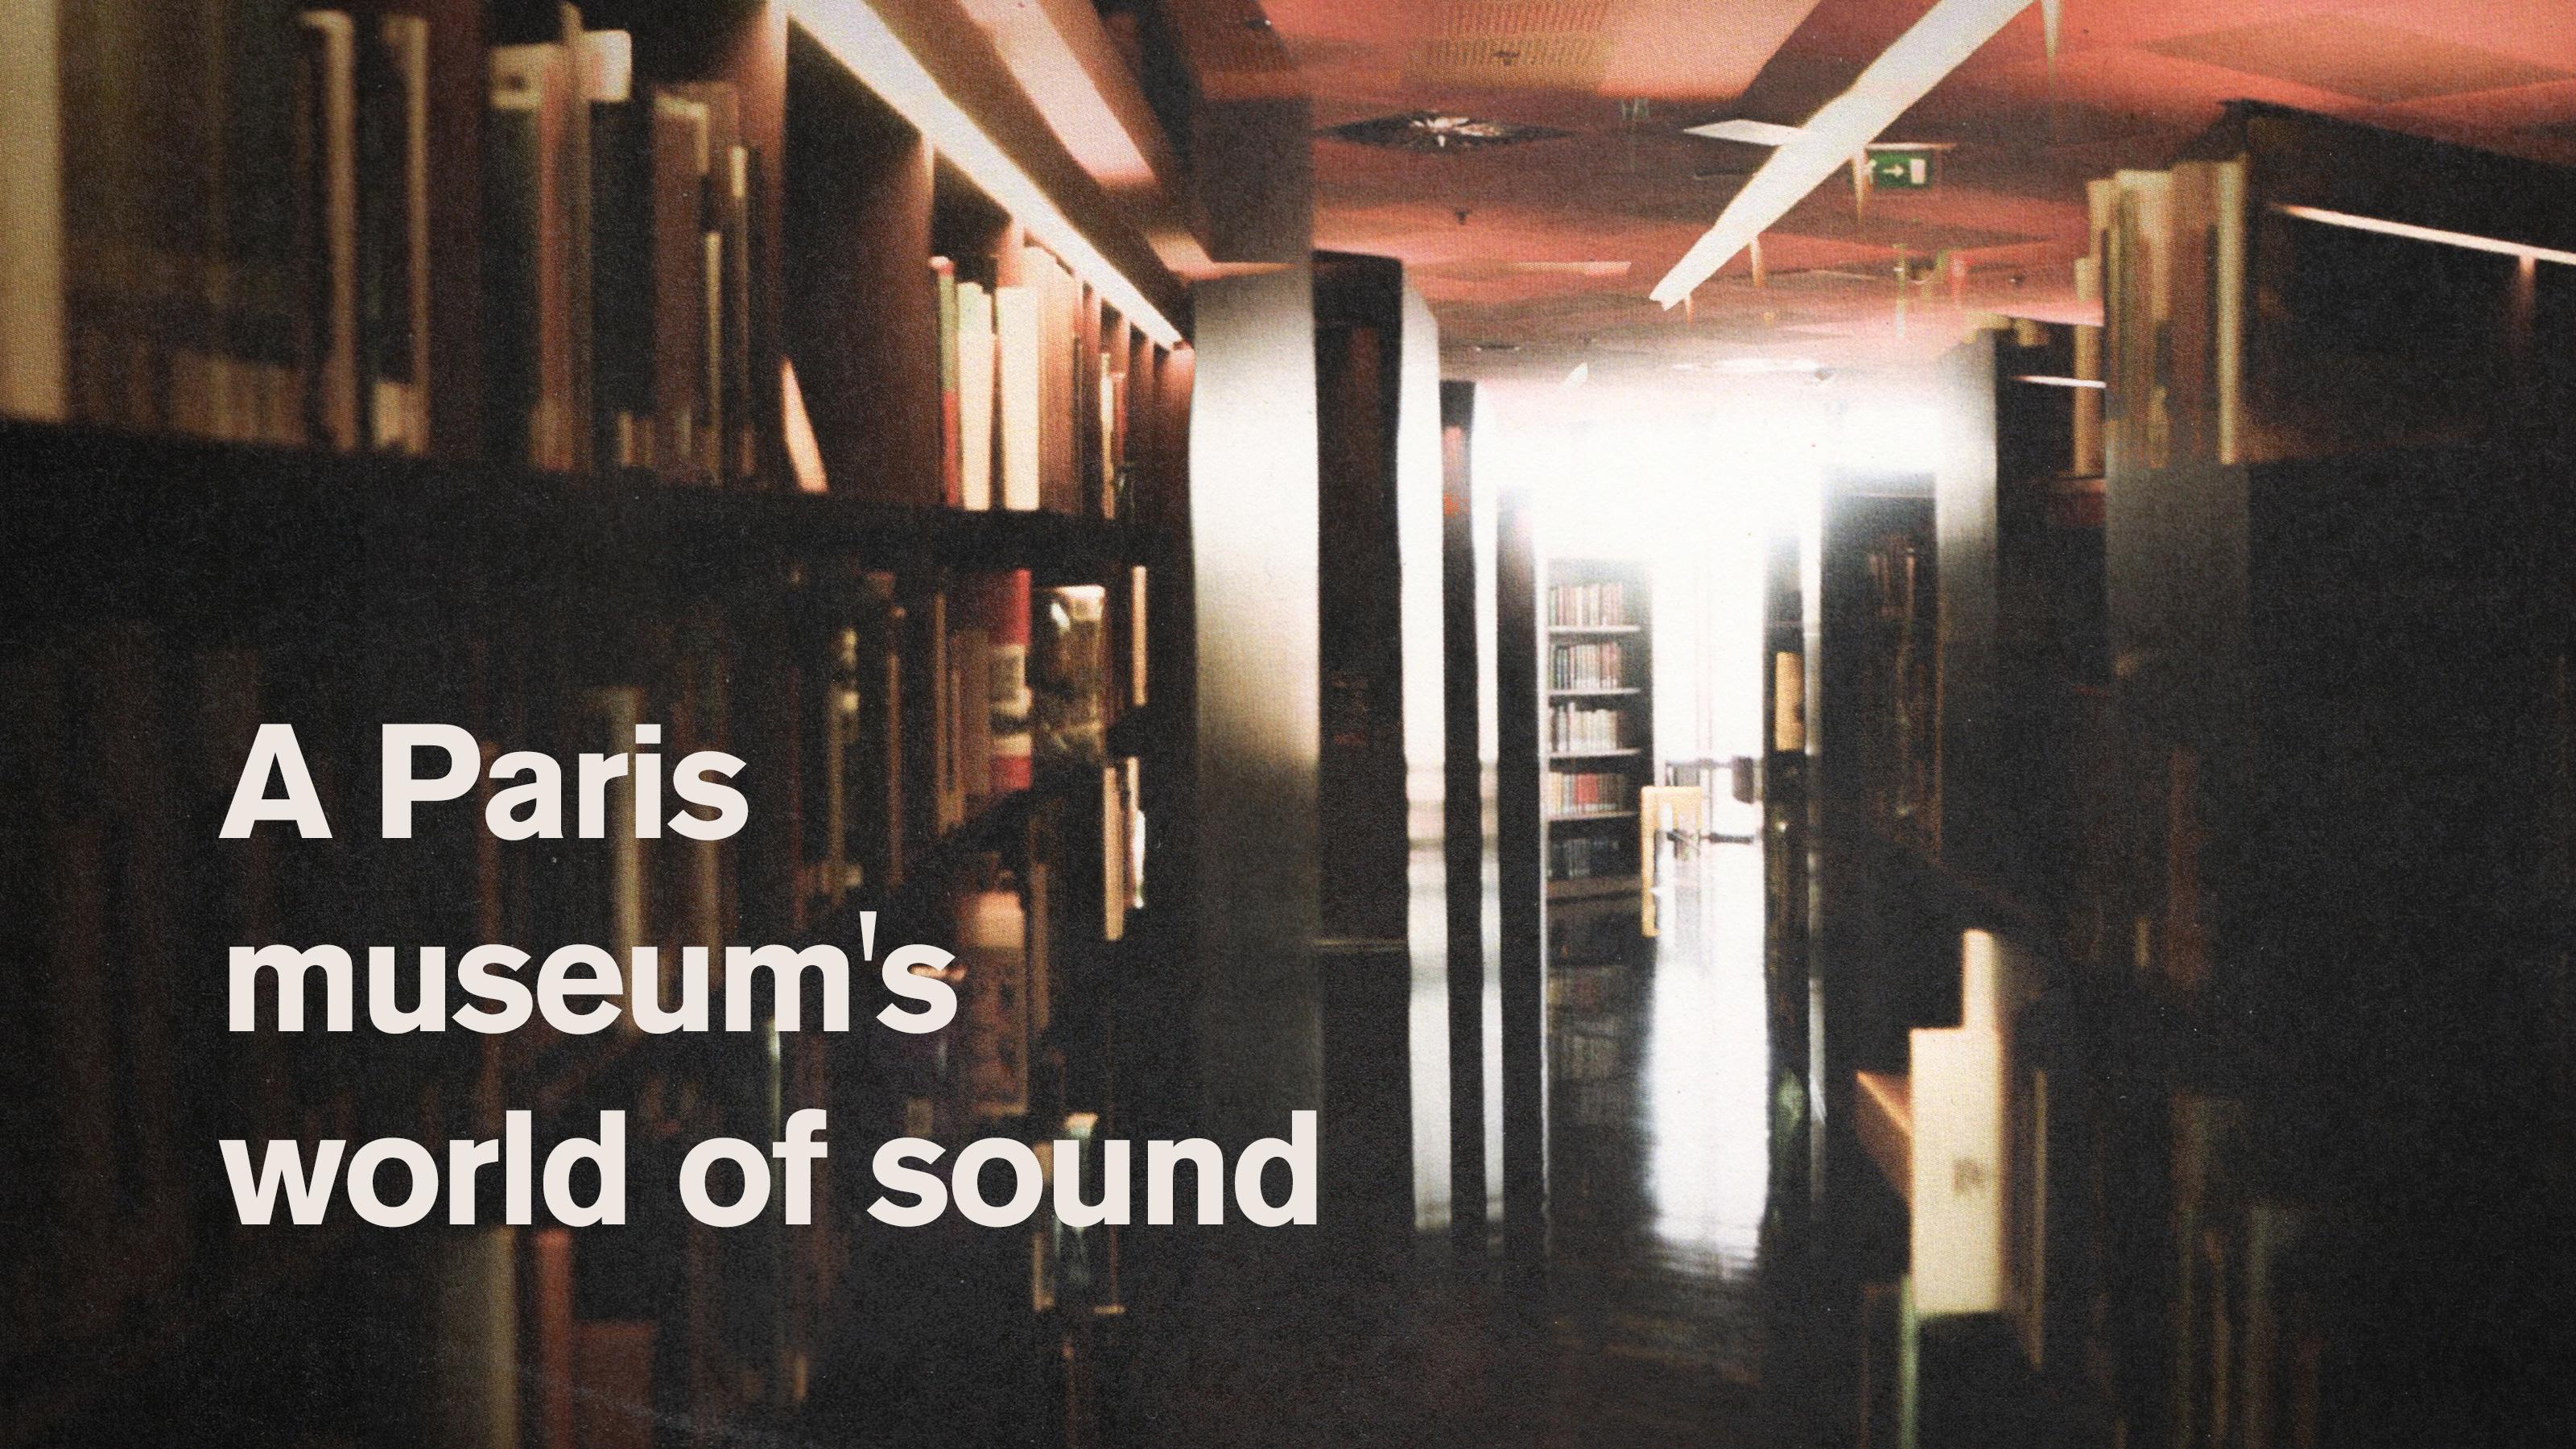 RA: A Paris museum's world of sound